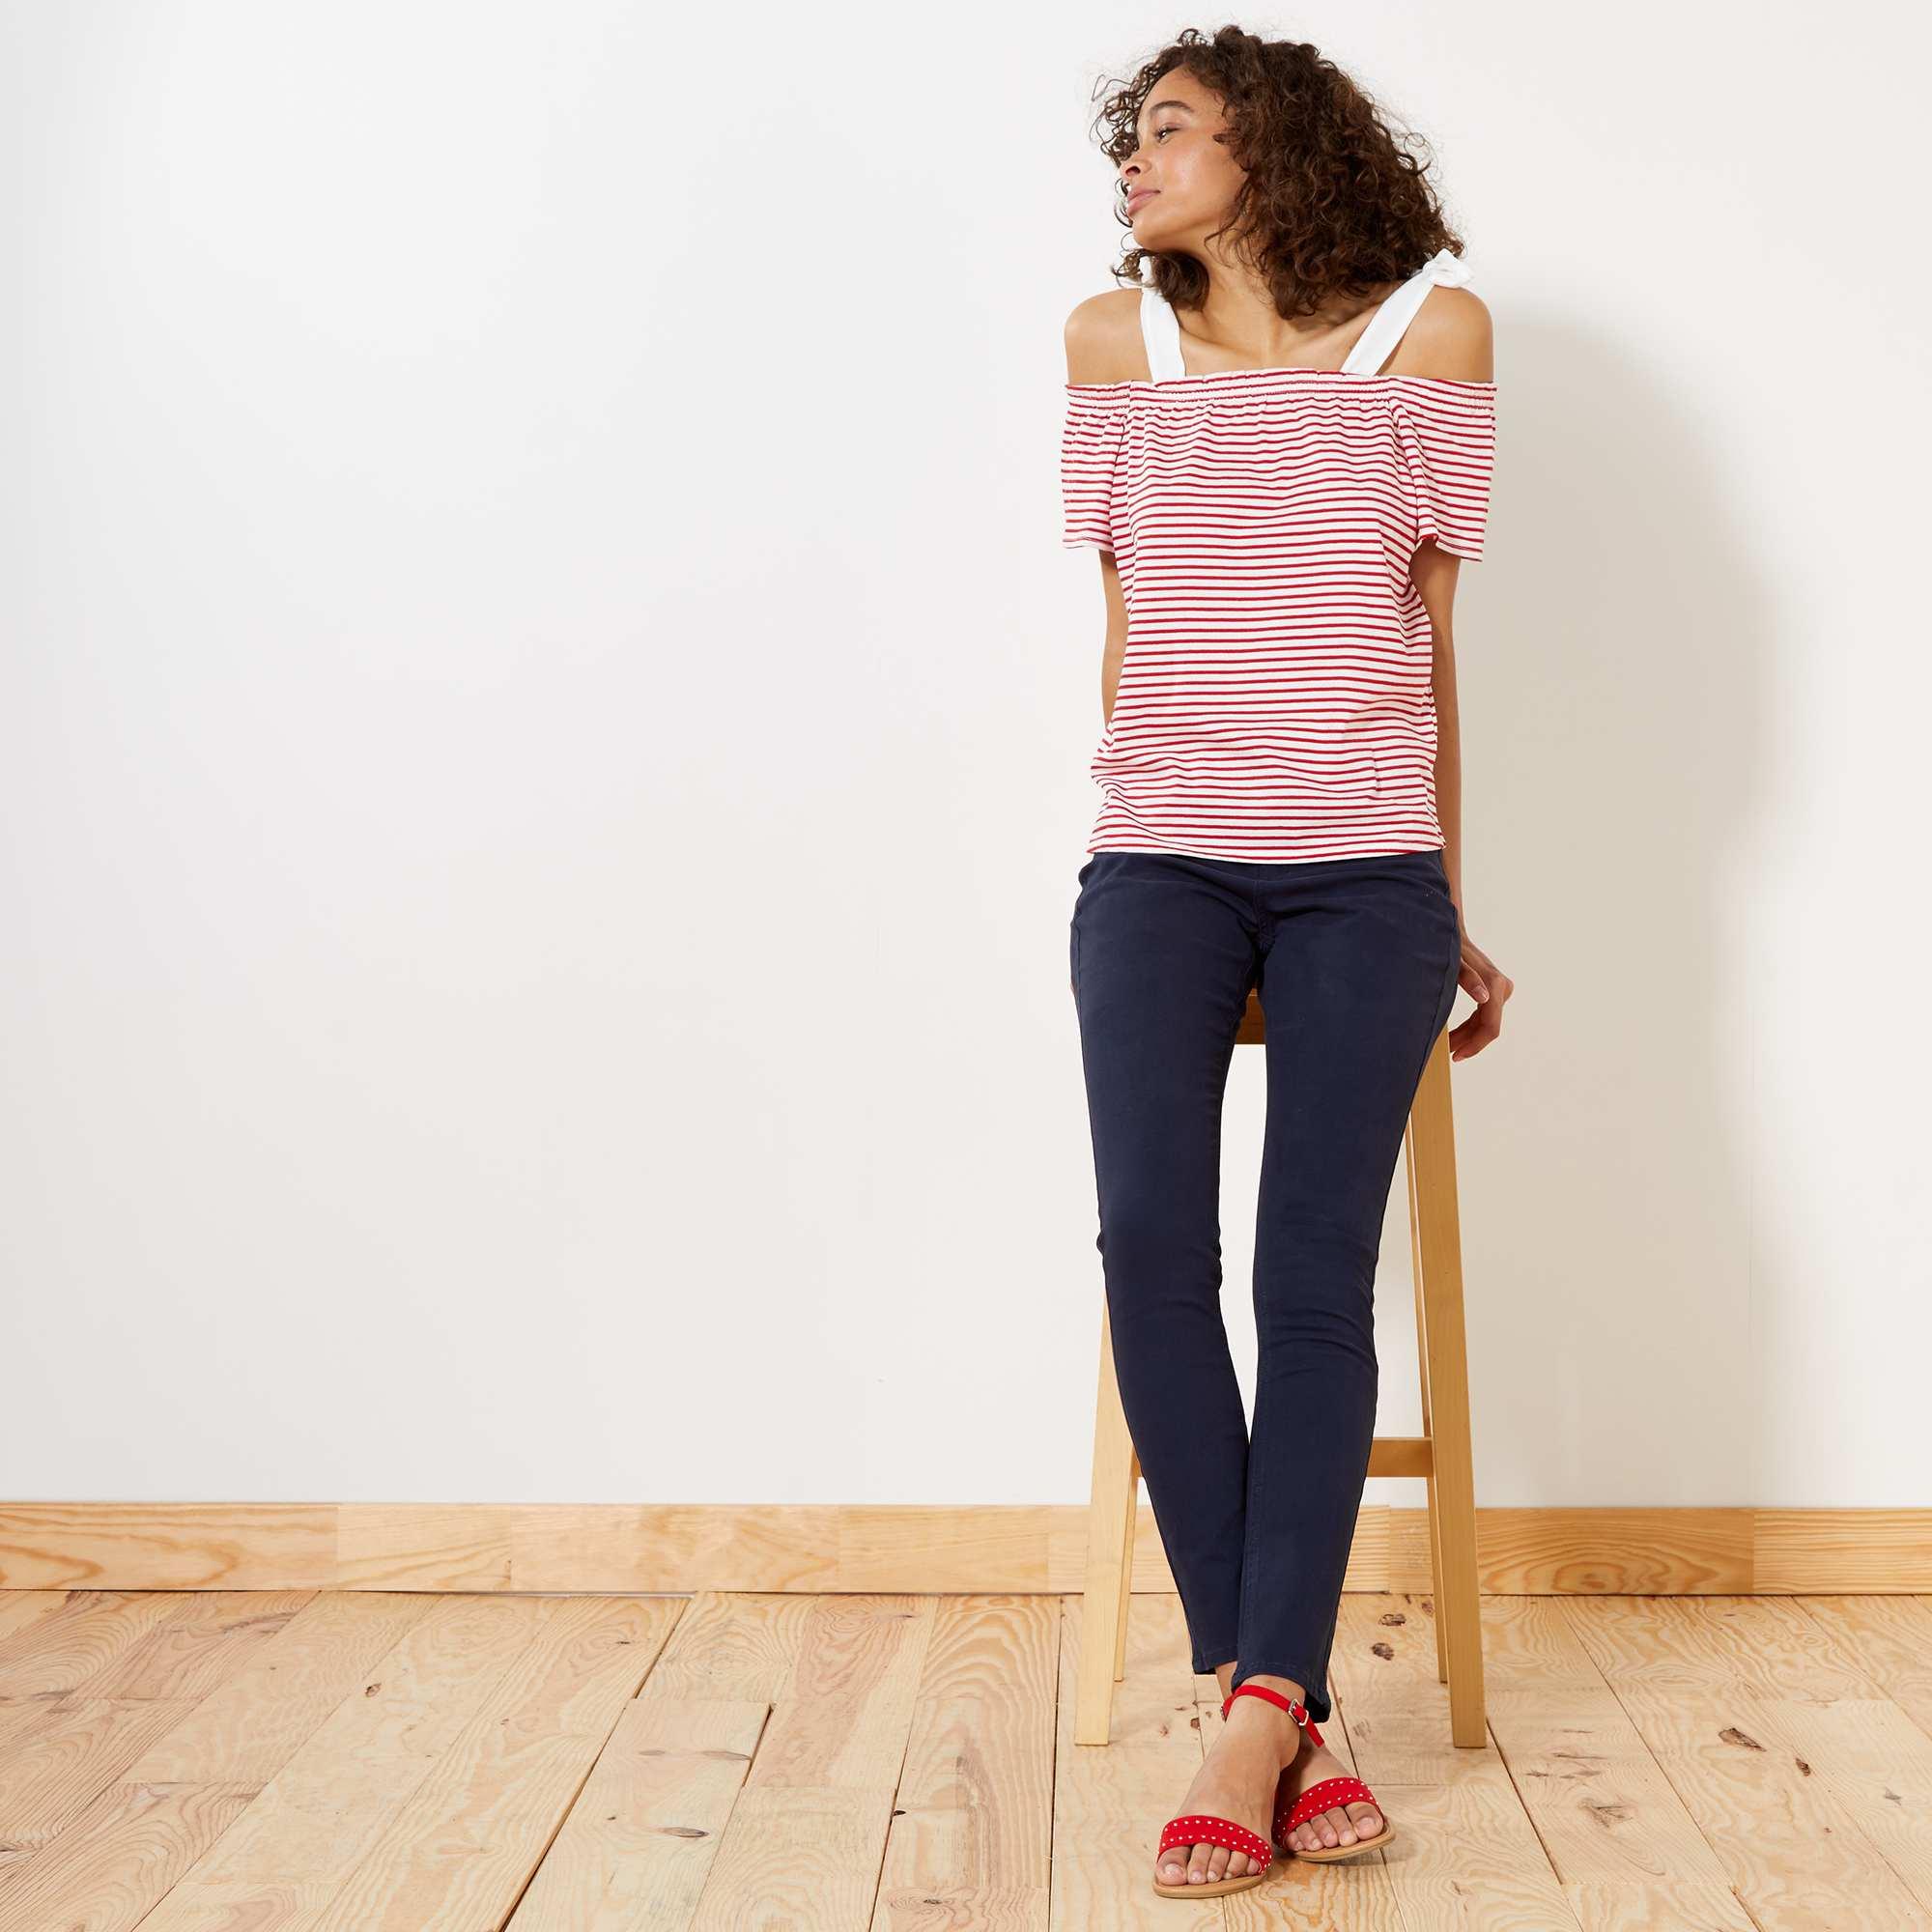 Couleur : bleu marine, noir, brique,, - Taille : 42, 44, 46,40,38On met de la couleur dans son dressing et dans ses looks avec ces pantalons. -